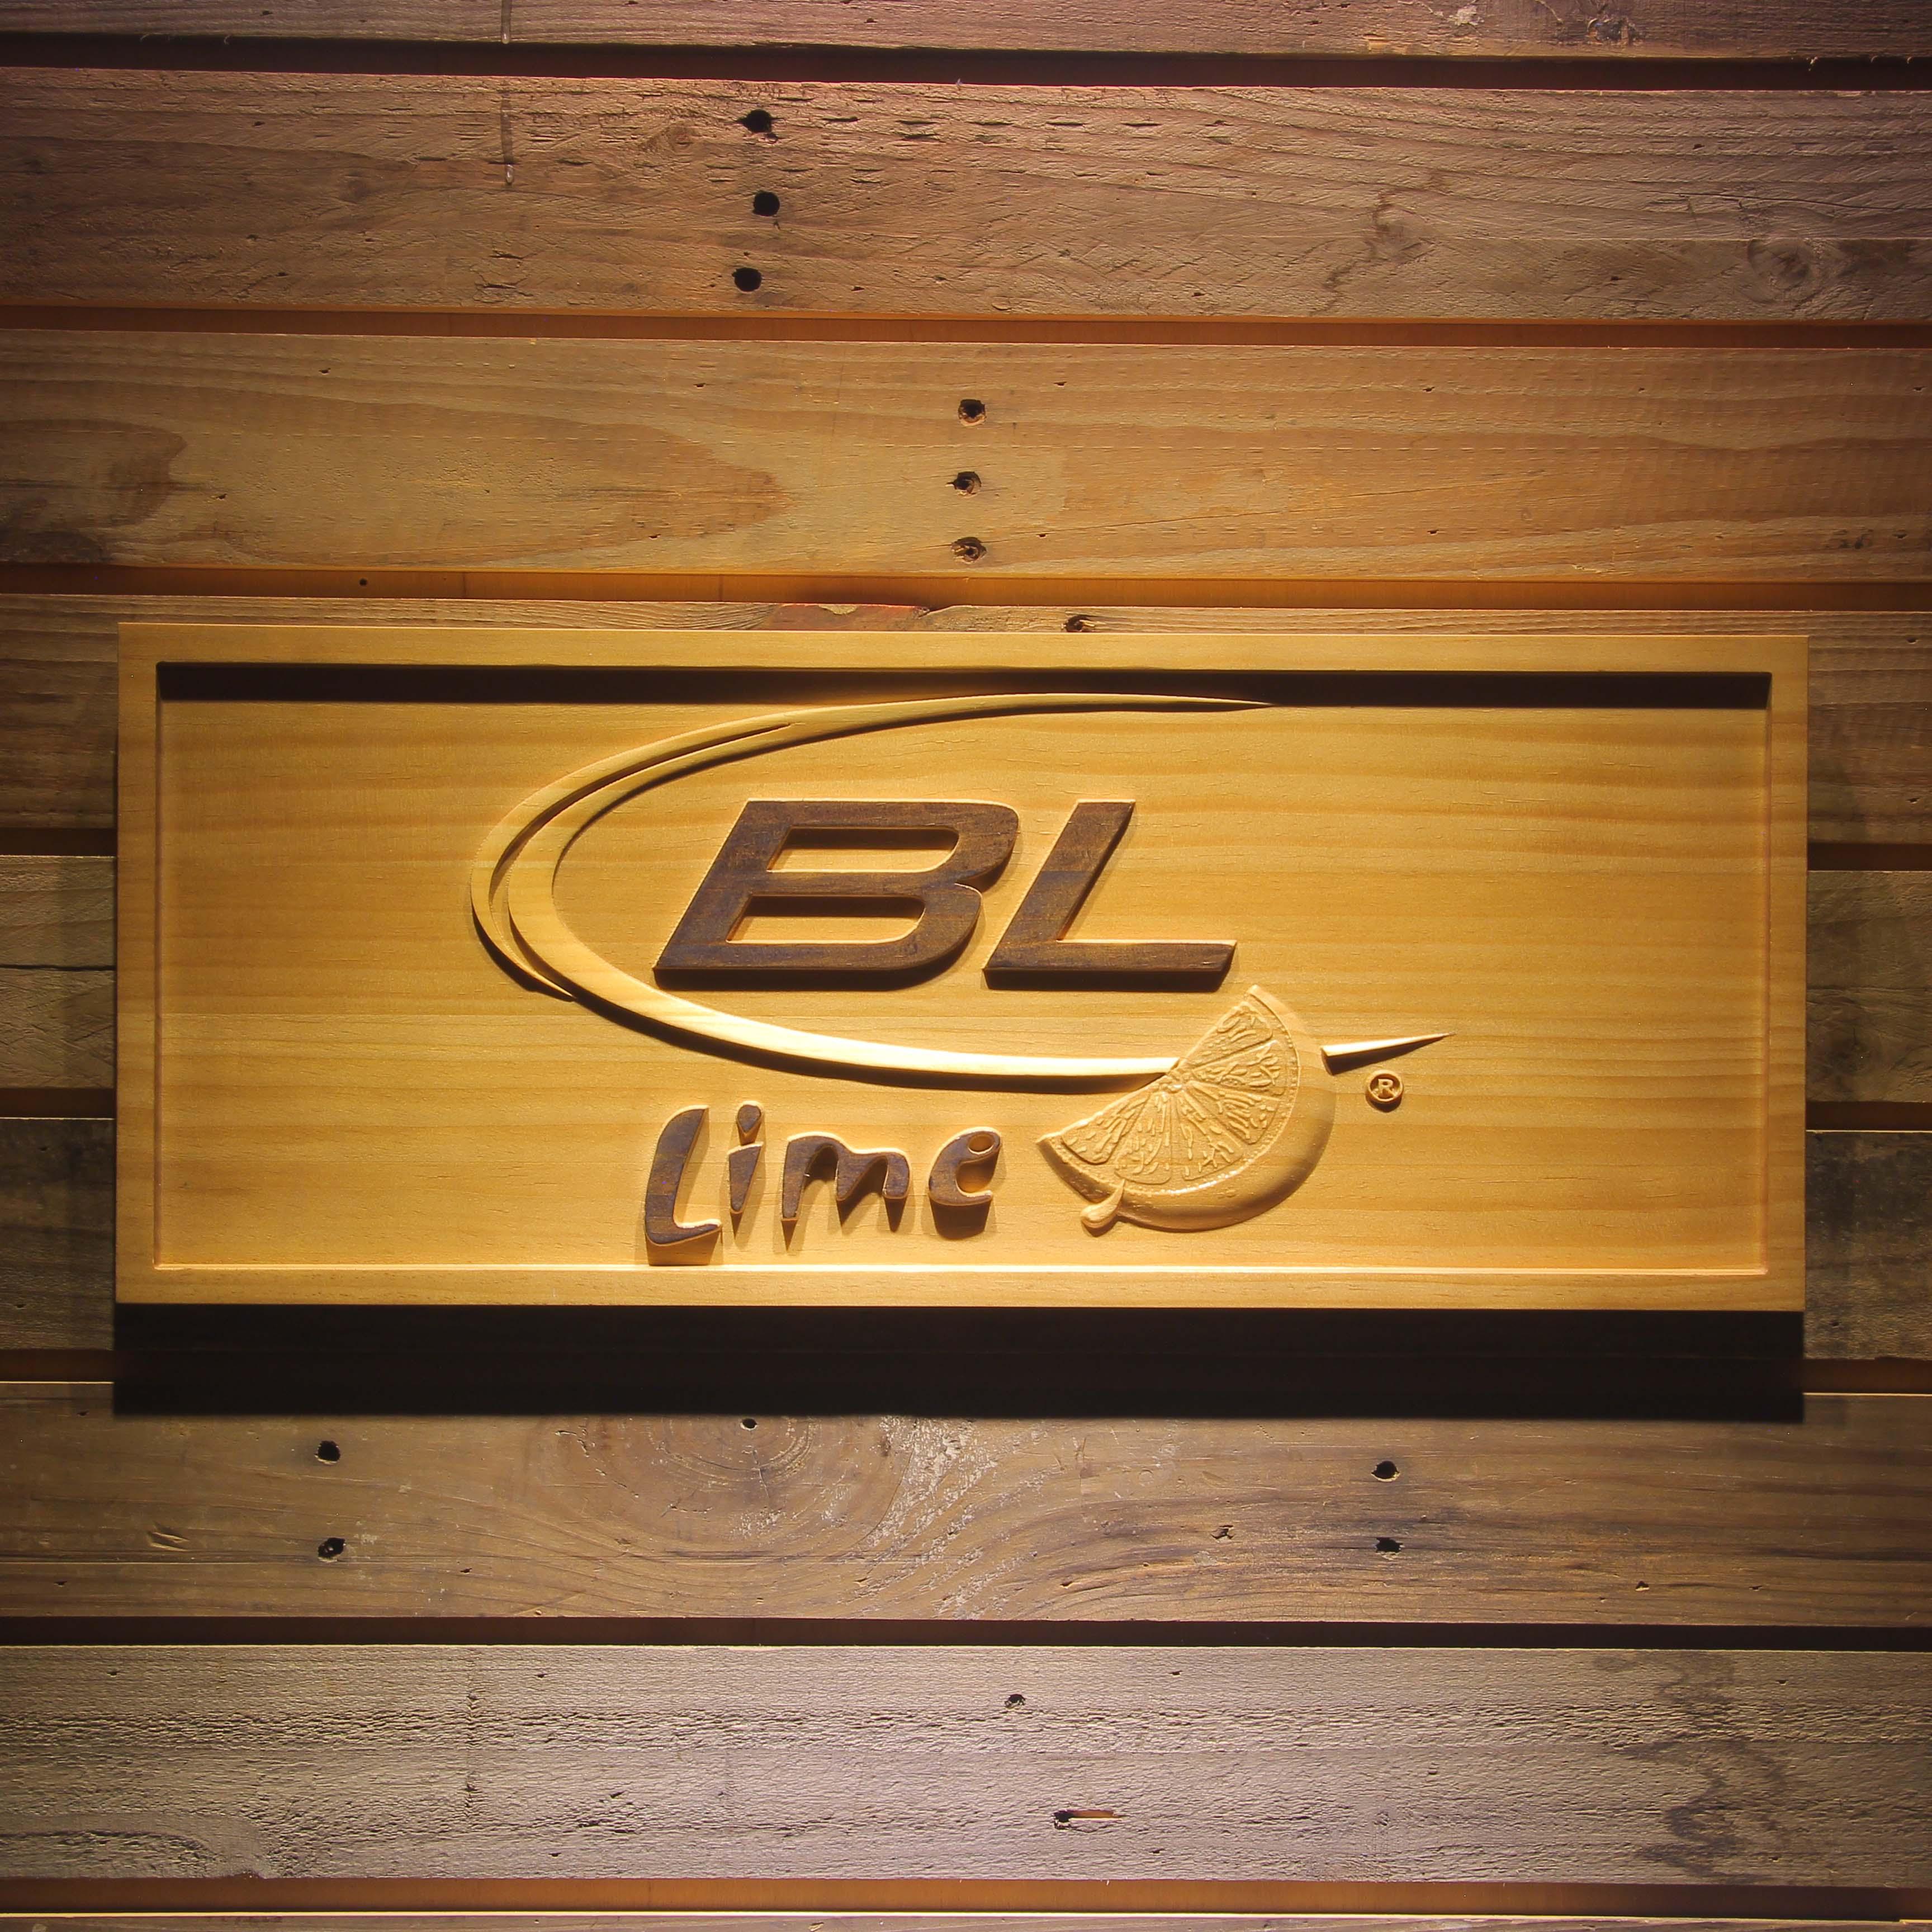 Bud Light Lime Beer 3D Wooden Bar Sign